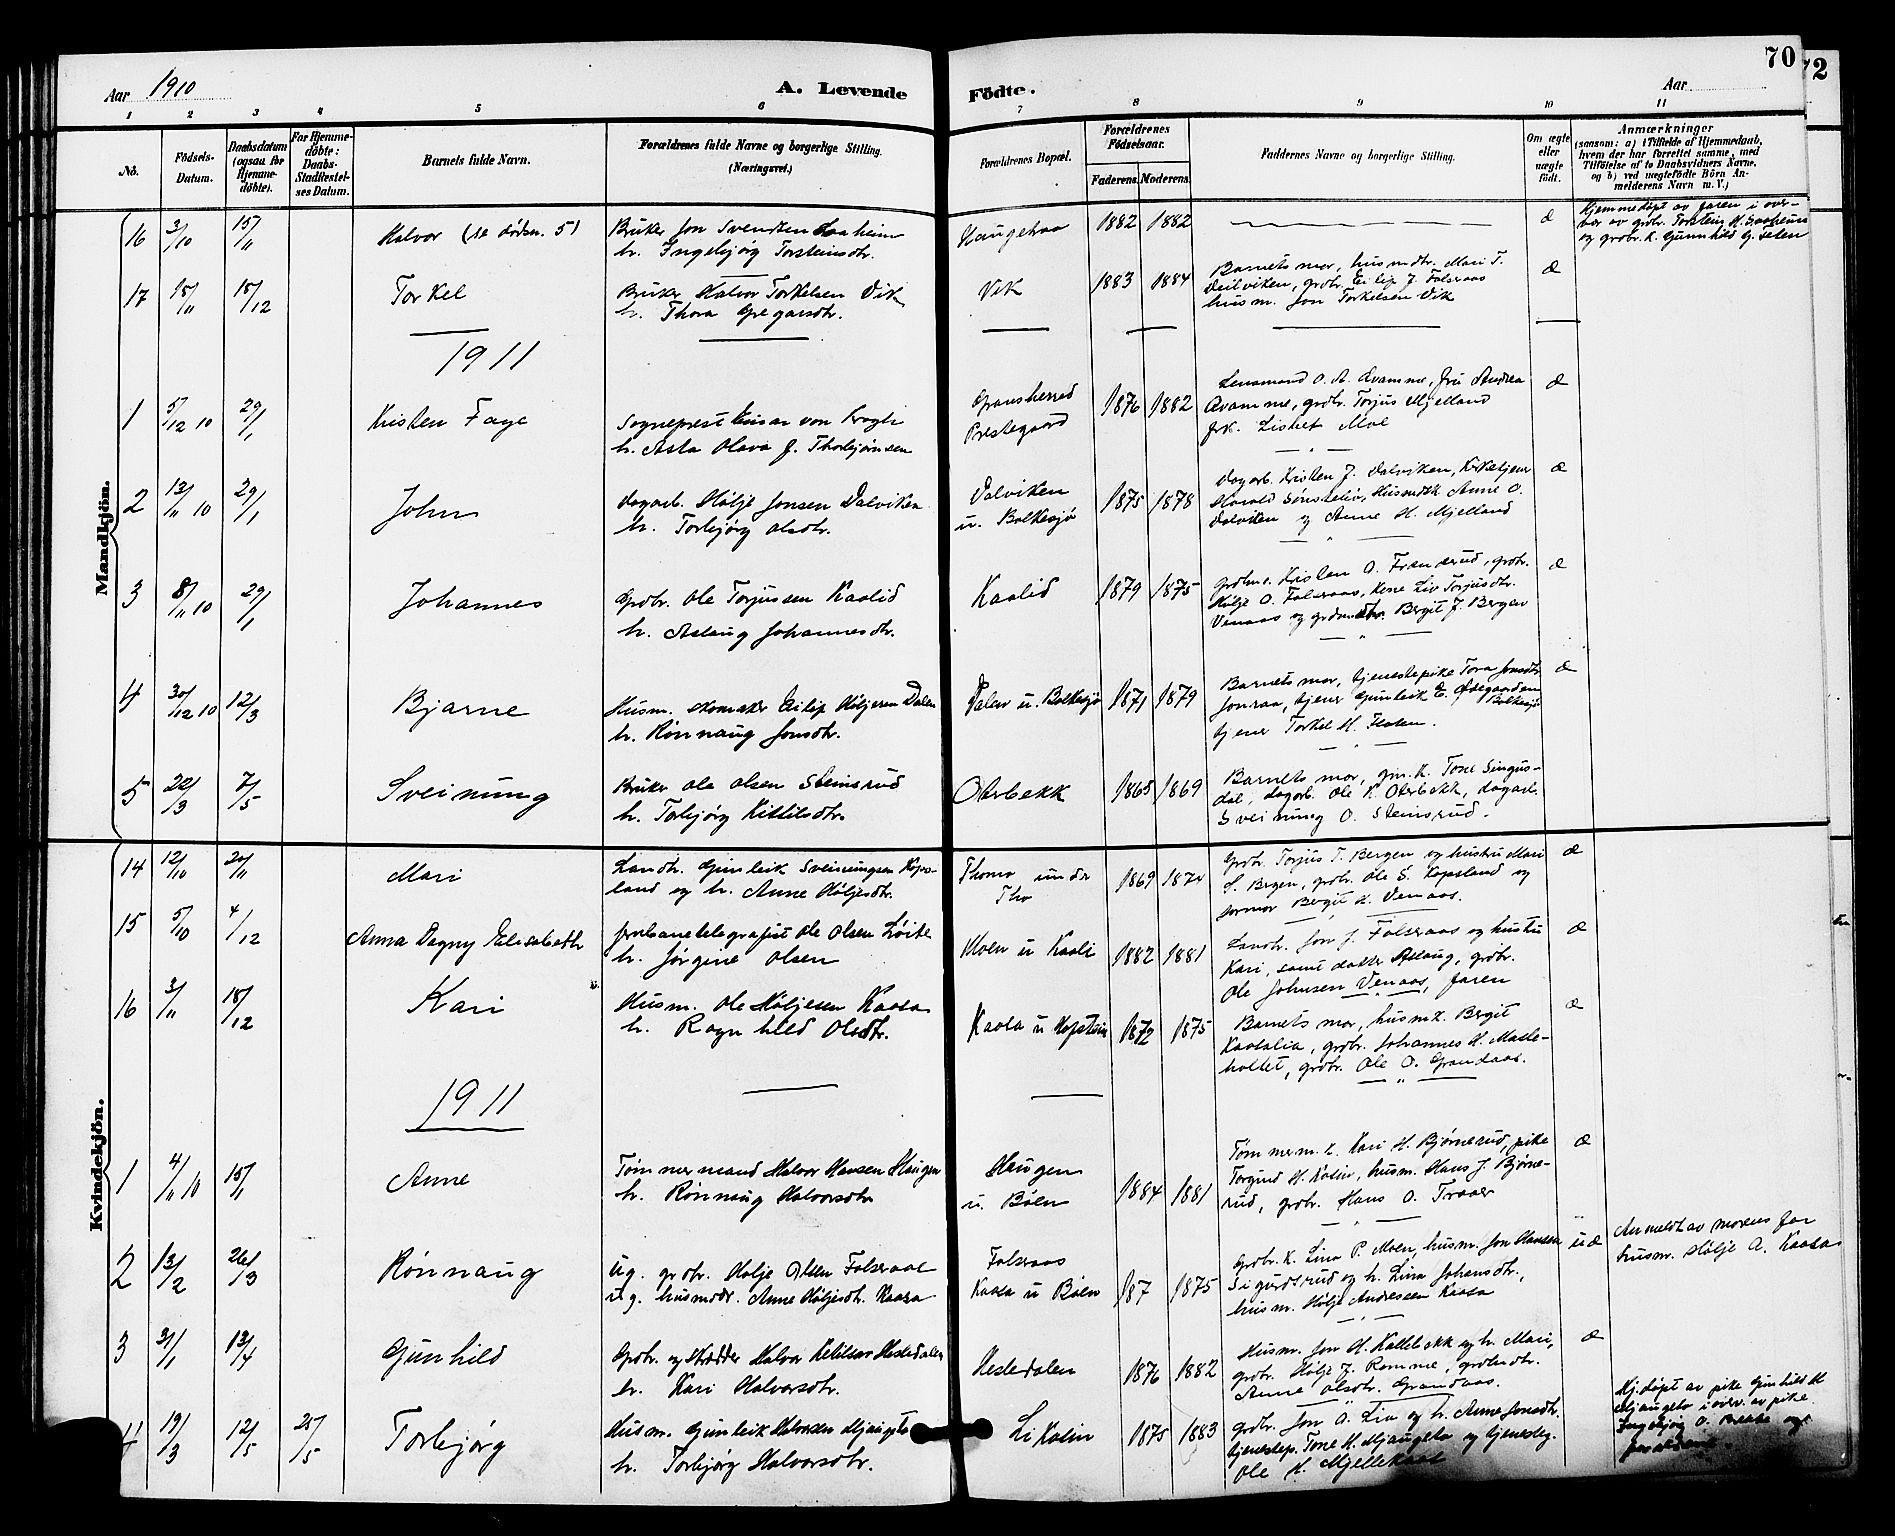 SAKO, Gransherad kirkebøker, G/Ga/L0003: Klokkerbok nr. I 3, 1887-1915, s. 70